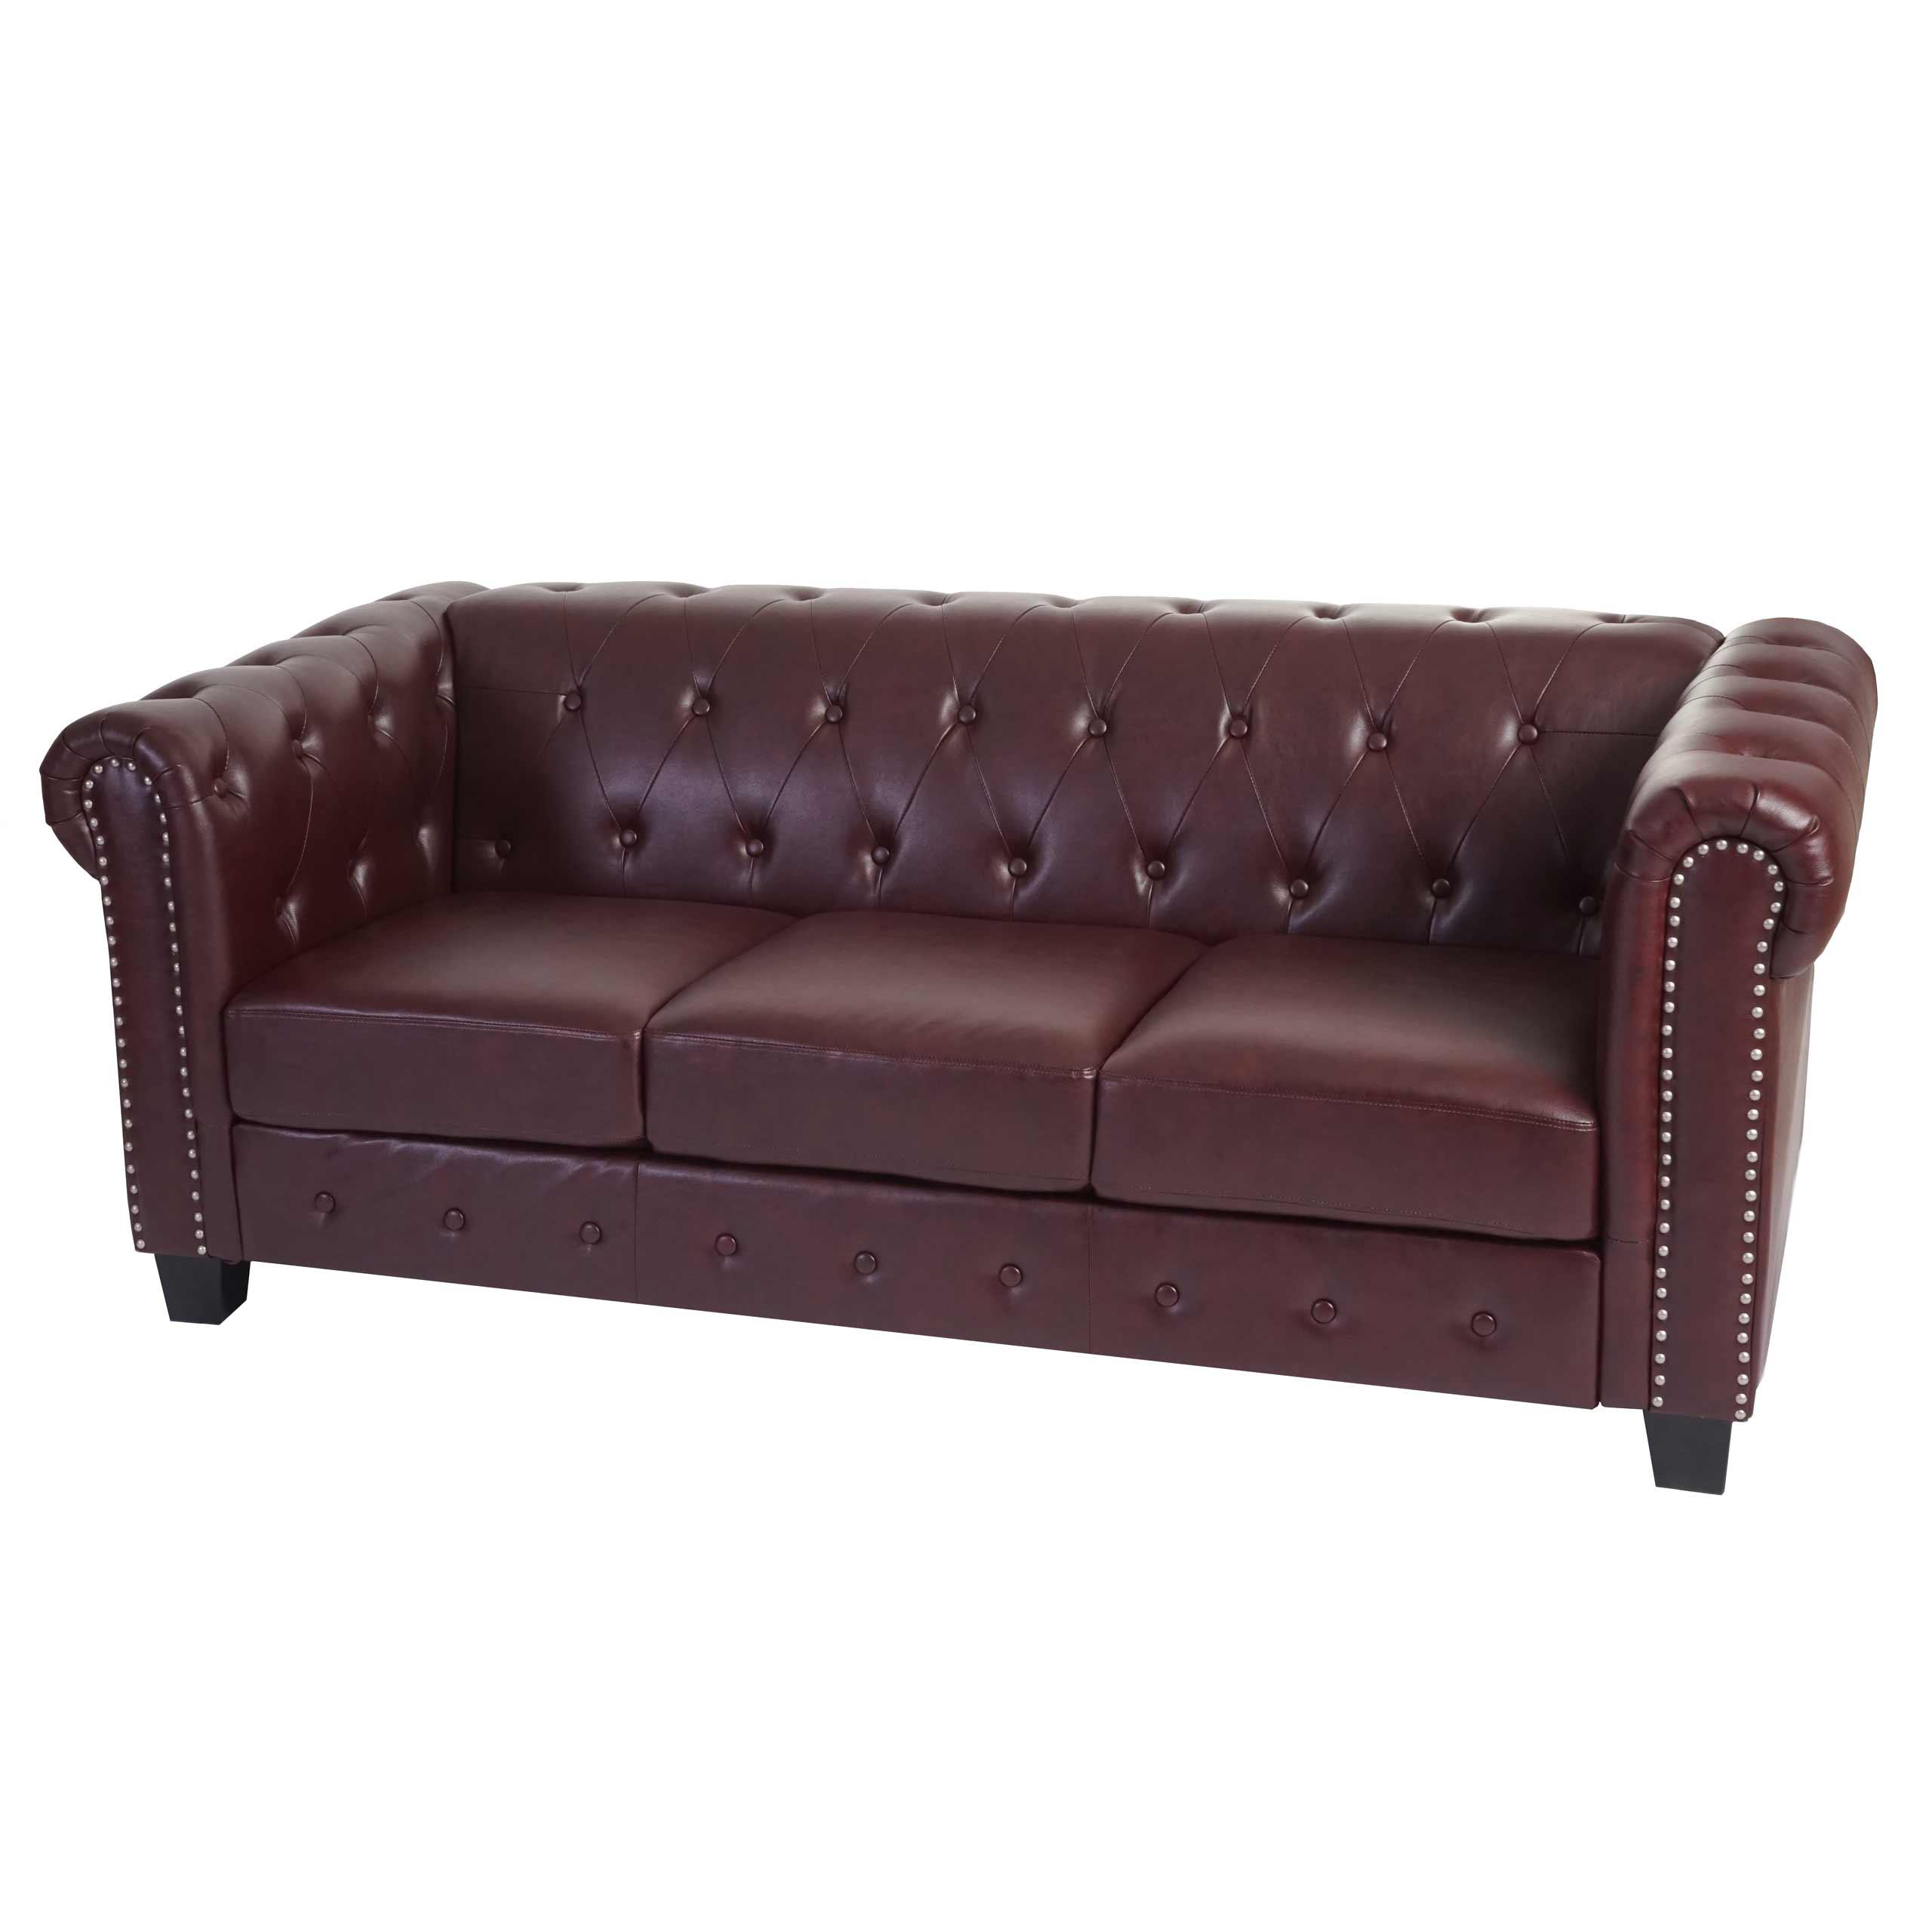 Top 9 divani da ufficio per arredare il tuo ufficio o la for Divano ufficio